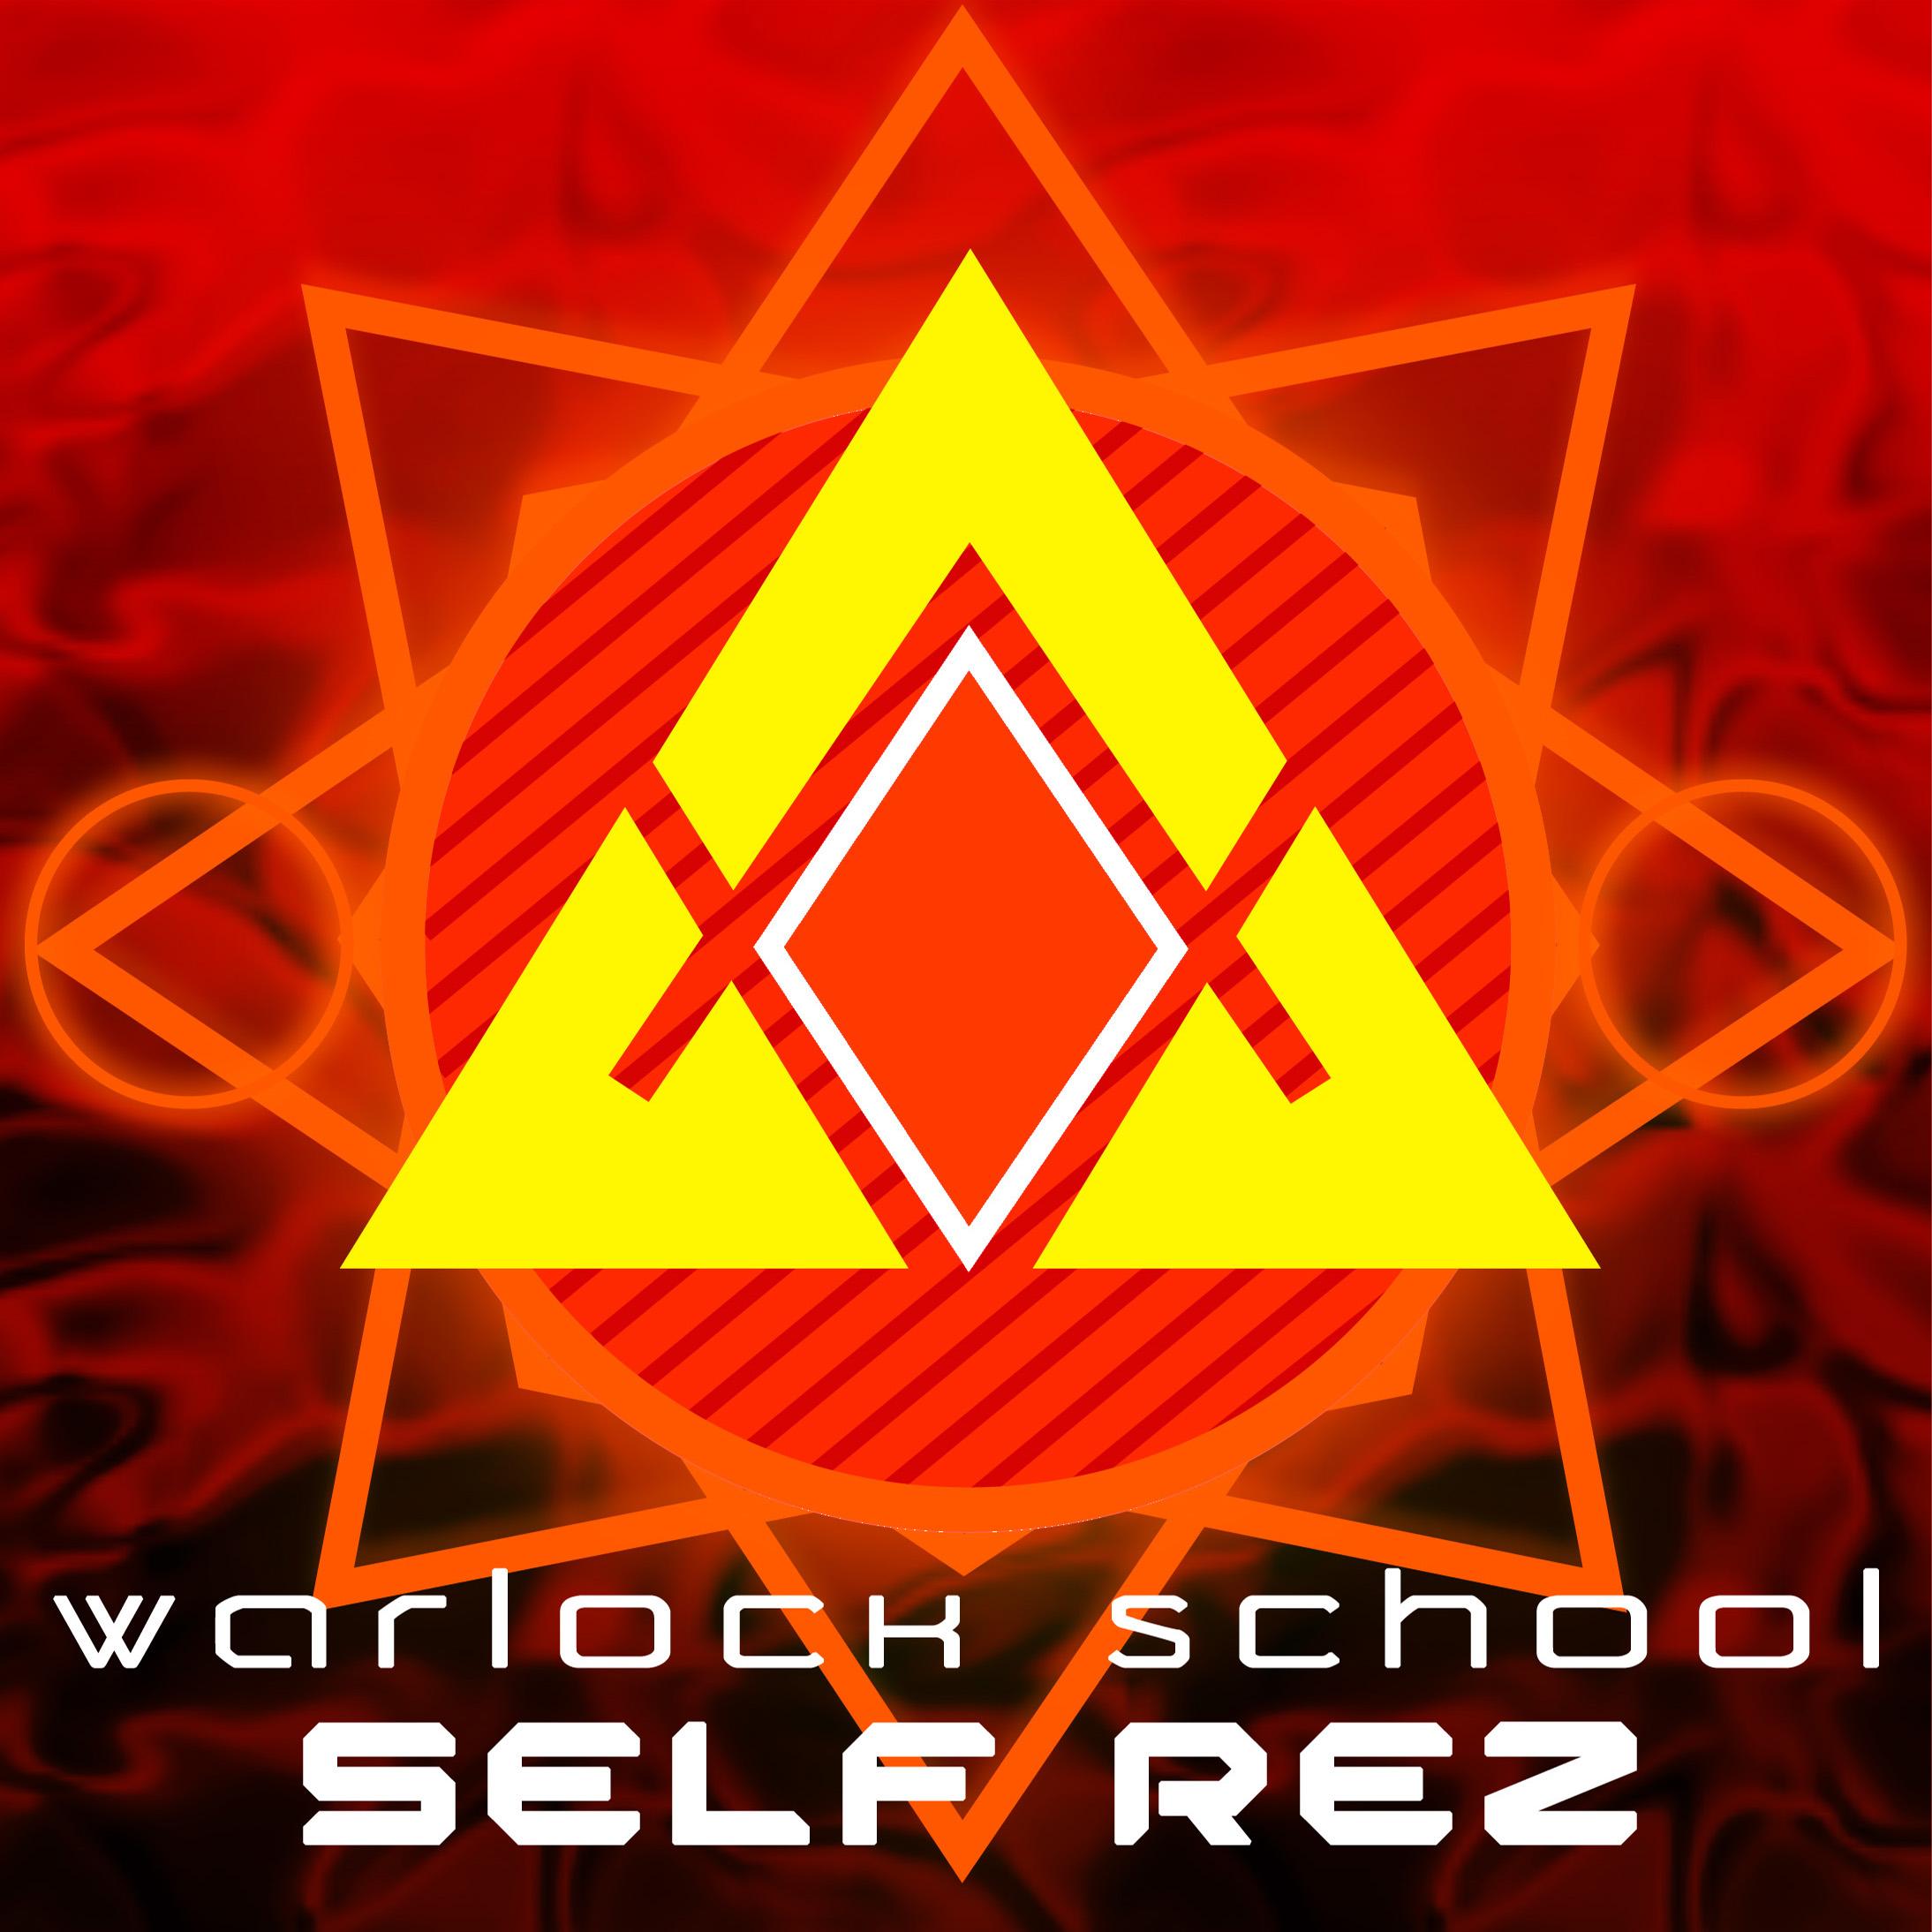 Warlock School